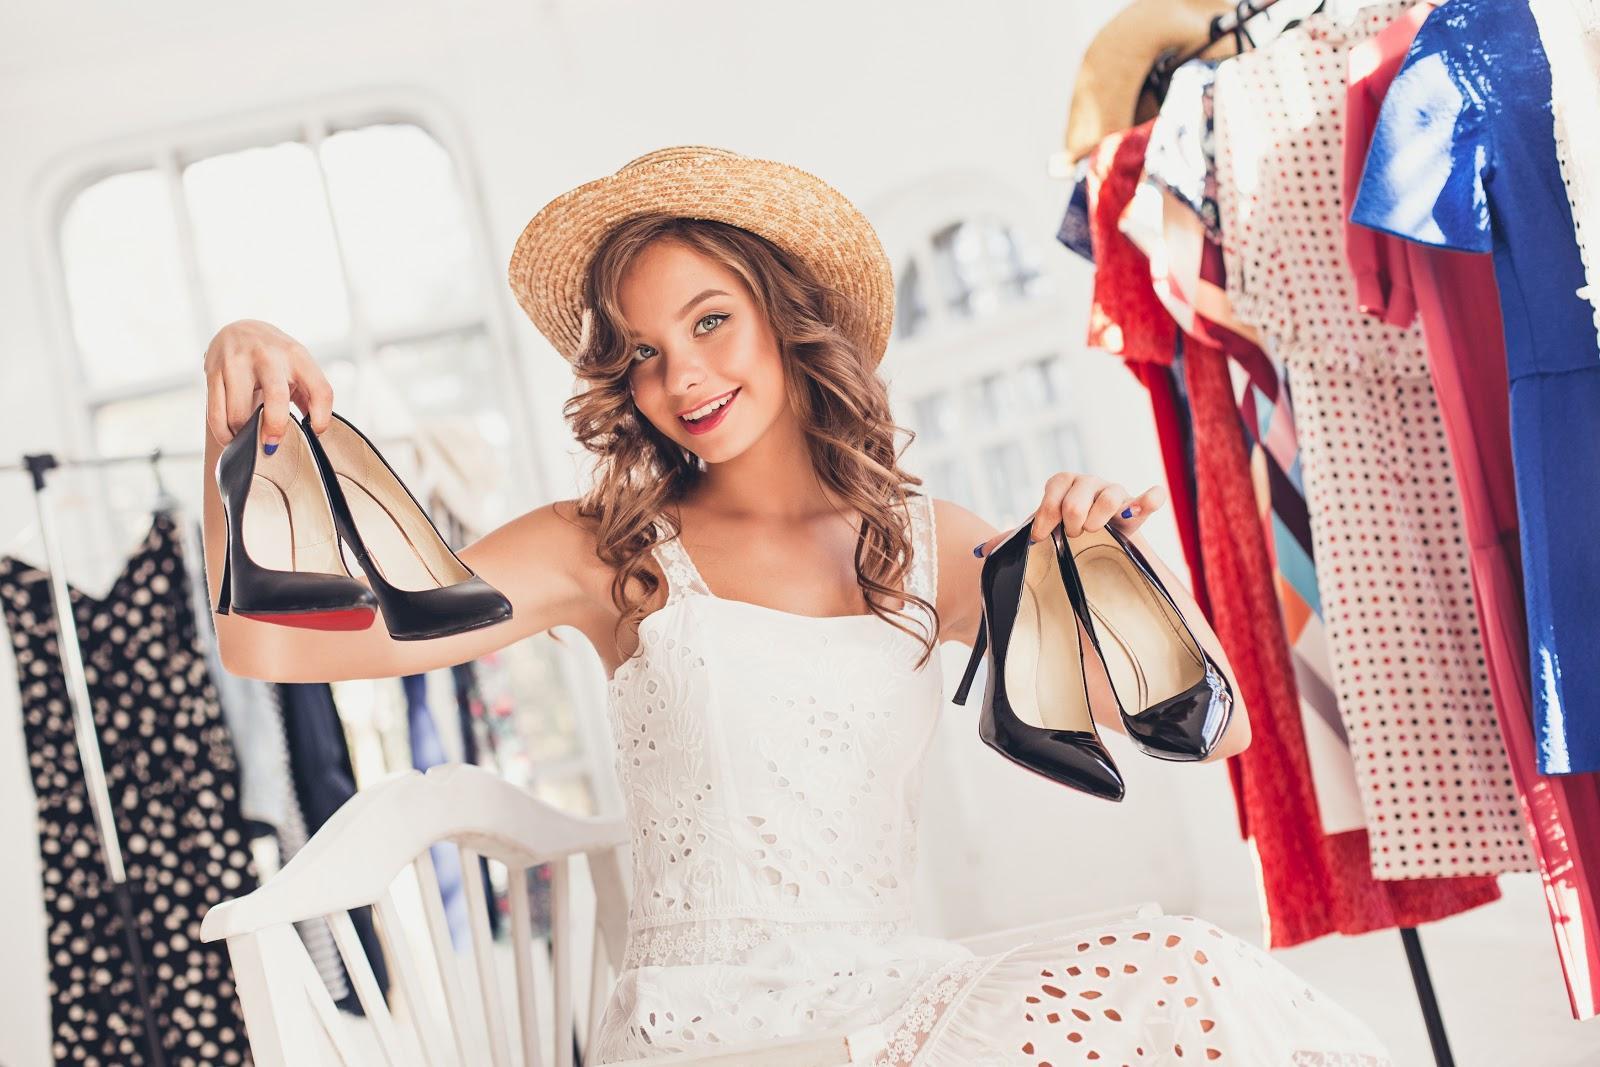 Đa dạng sản phẩm đáp ứng thị hiếu người tiêu dùng